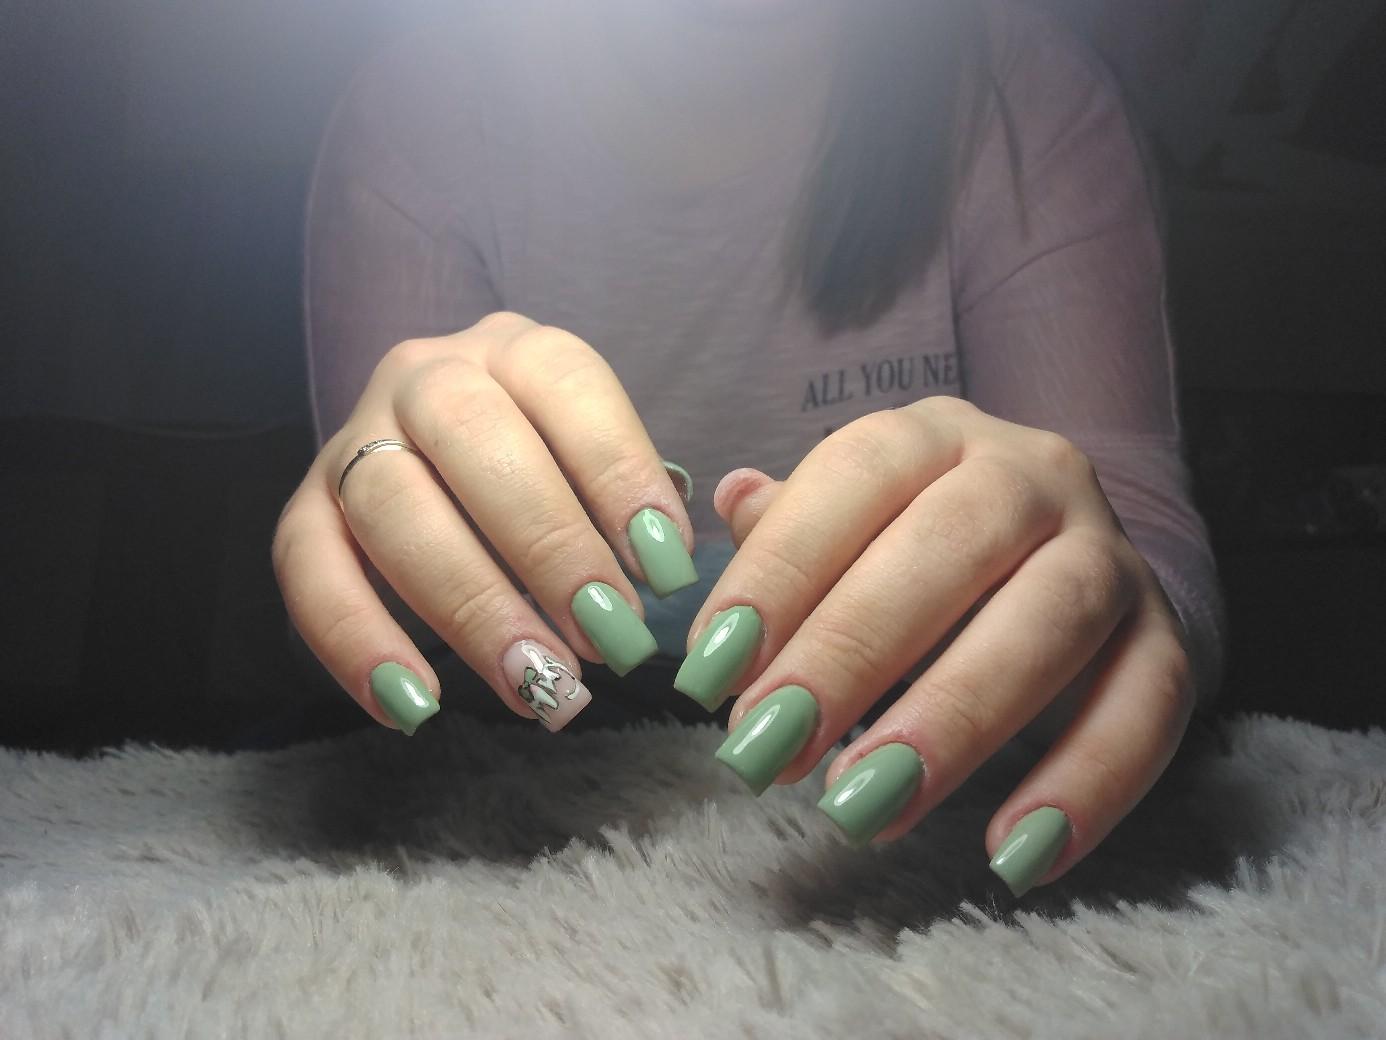 Маникюр со слайдерами в изумрудном цвете на длинные ногти.